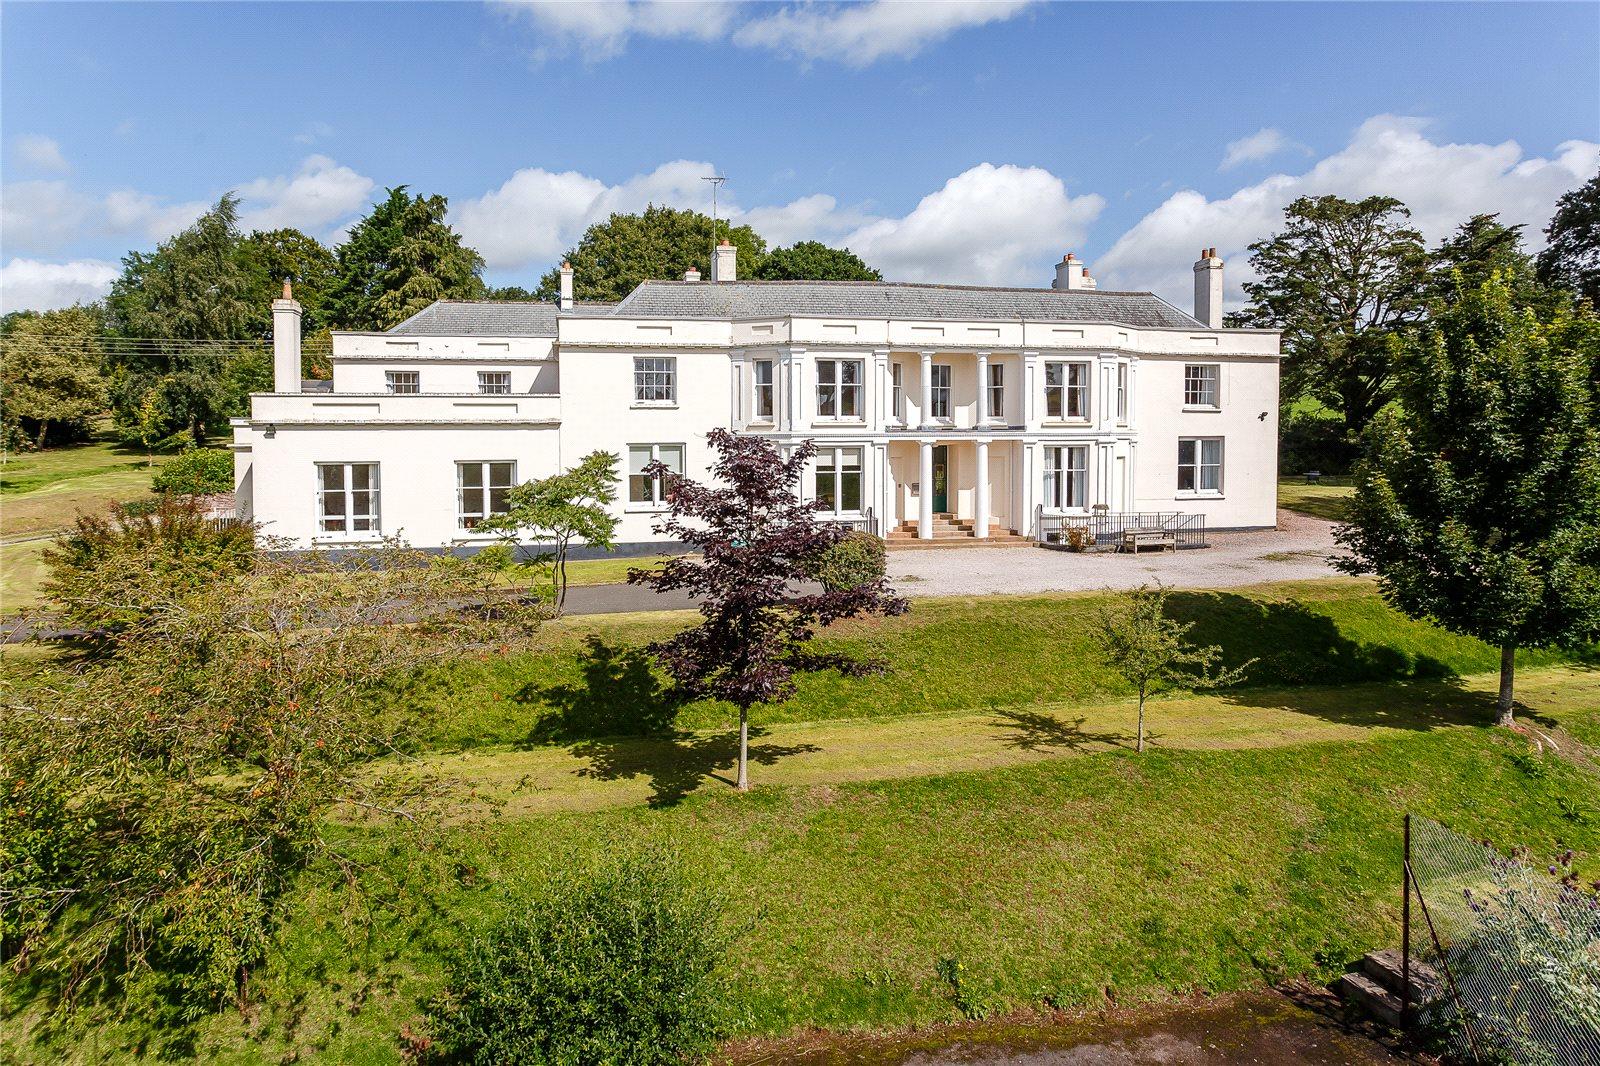 Μονοκατοικία για την Πώληση στο Coleford, Crediton, Devon, EX17 Crediton, Αγγλια